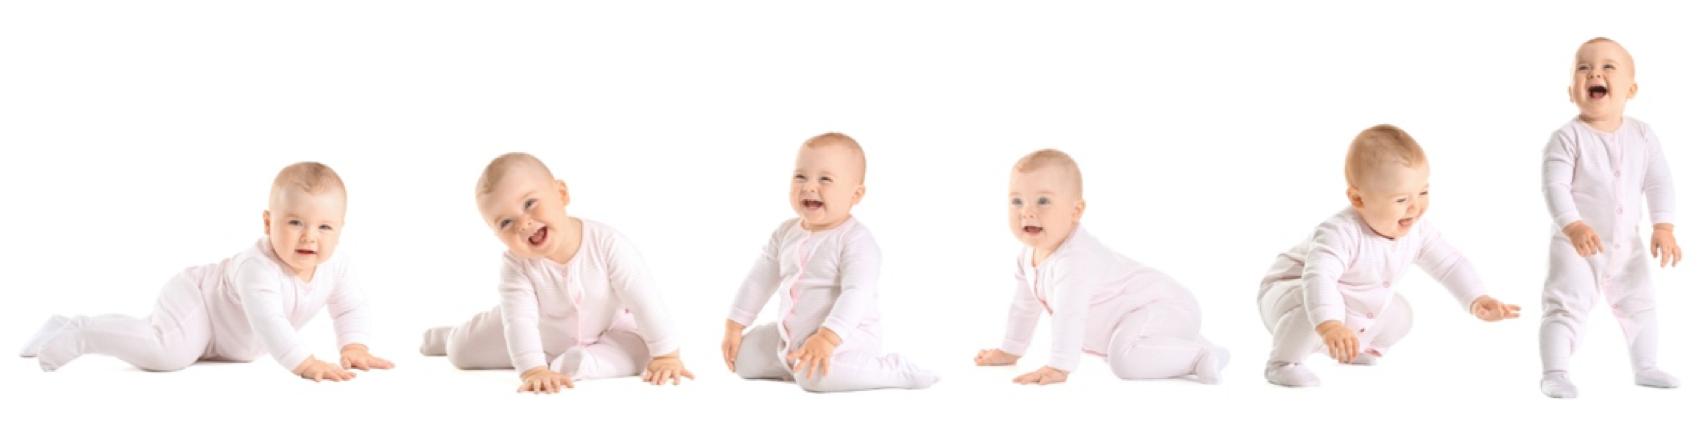 Kinder in weiß